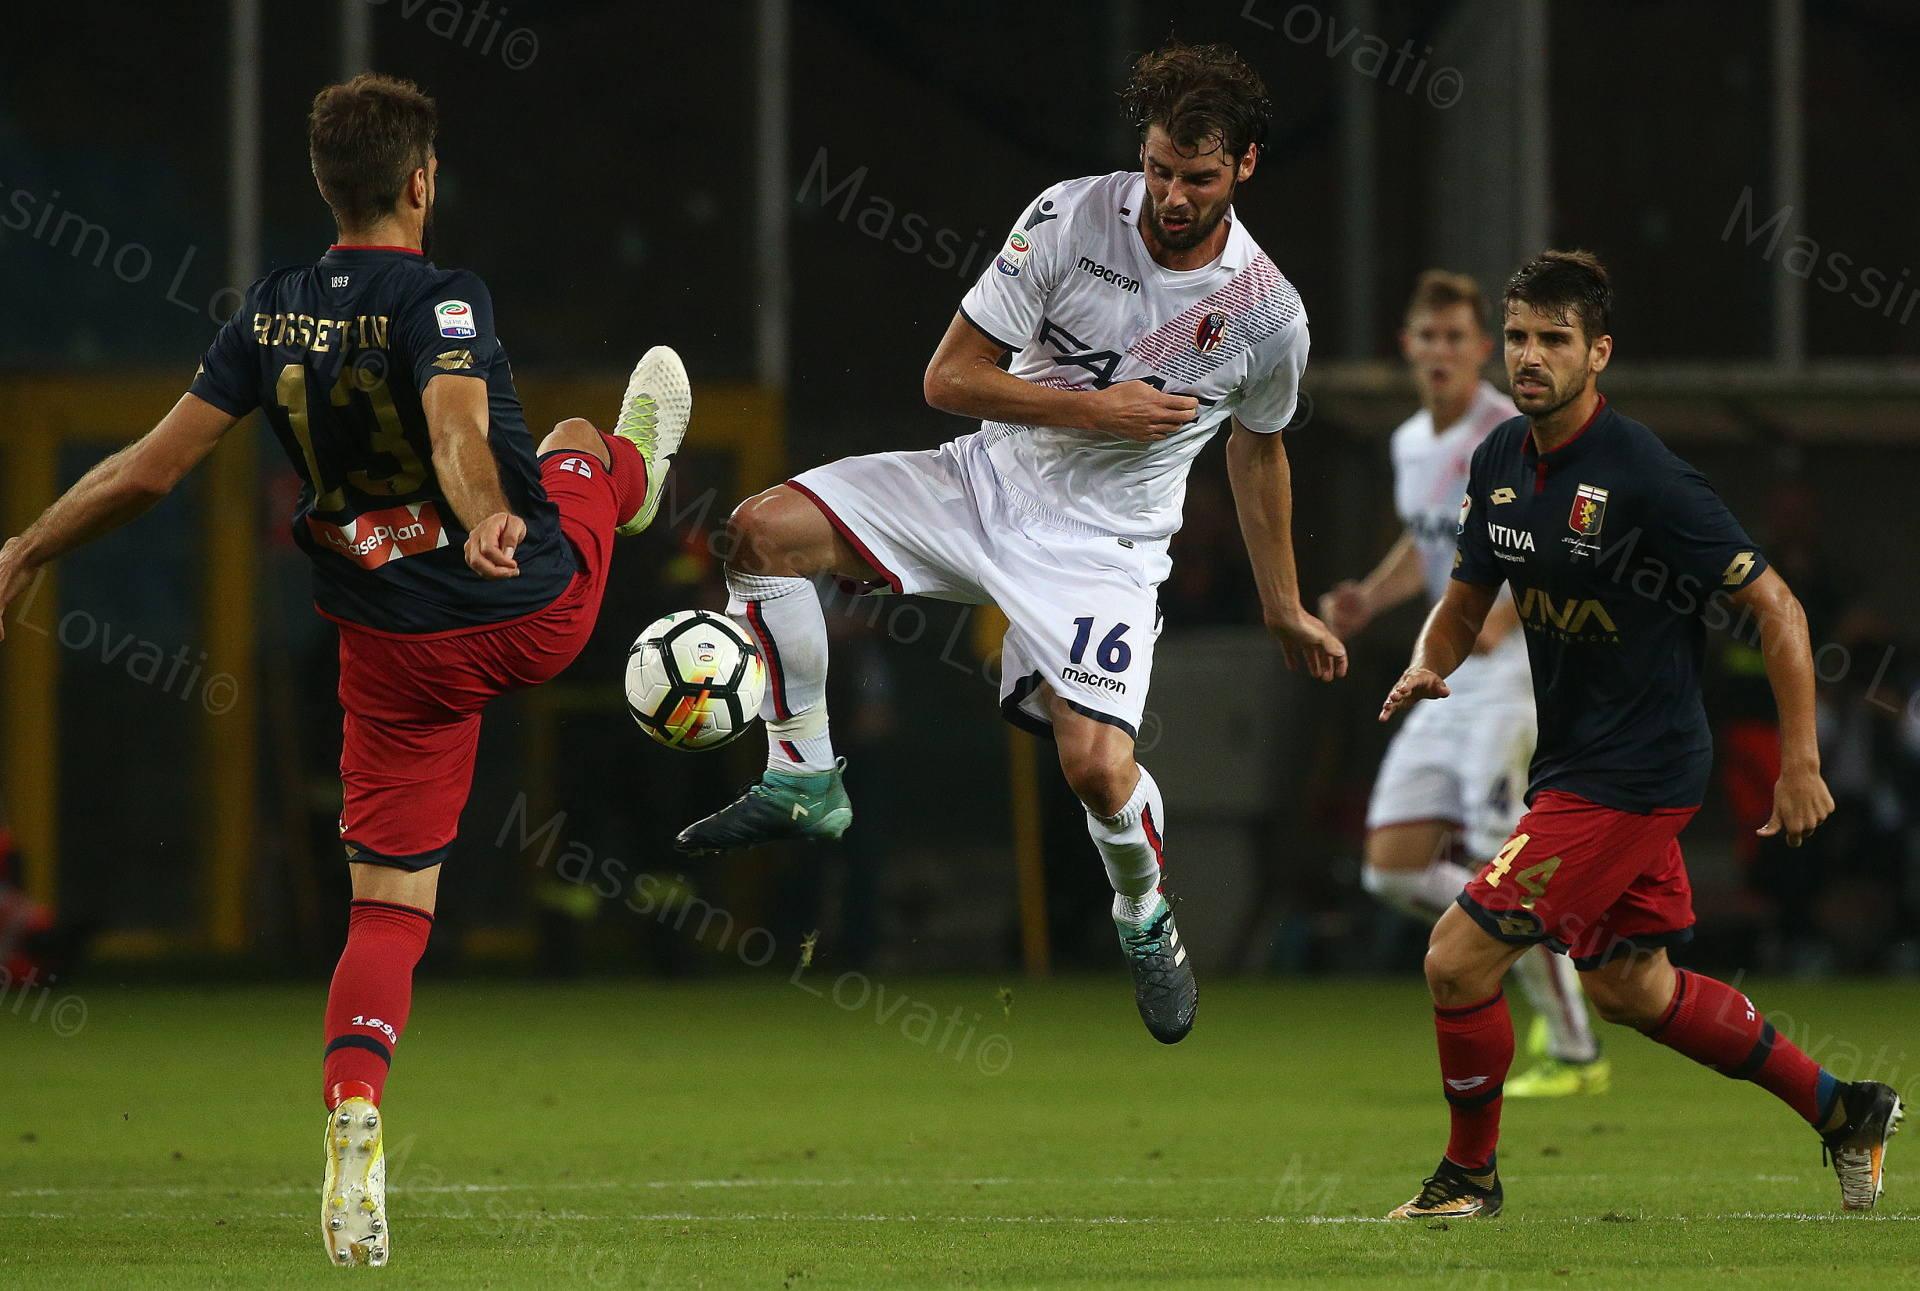 30/09/2017, Genova , Campionato di Calcio Serie A, Genoa- Bologna , nella foto Poli in volo contende la palla a Rosellini